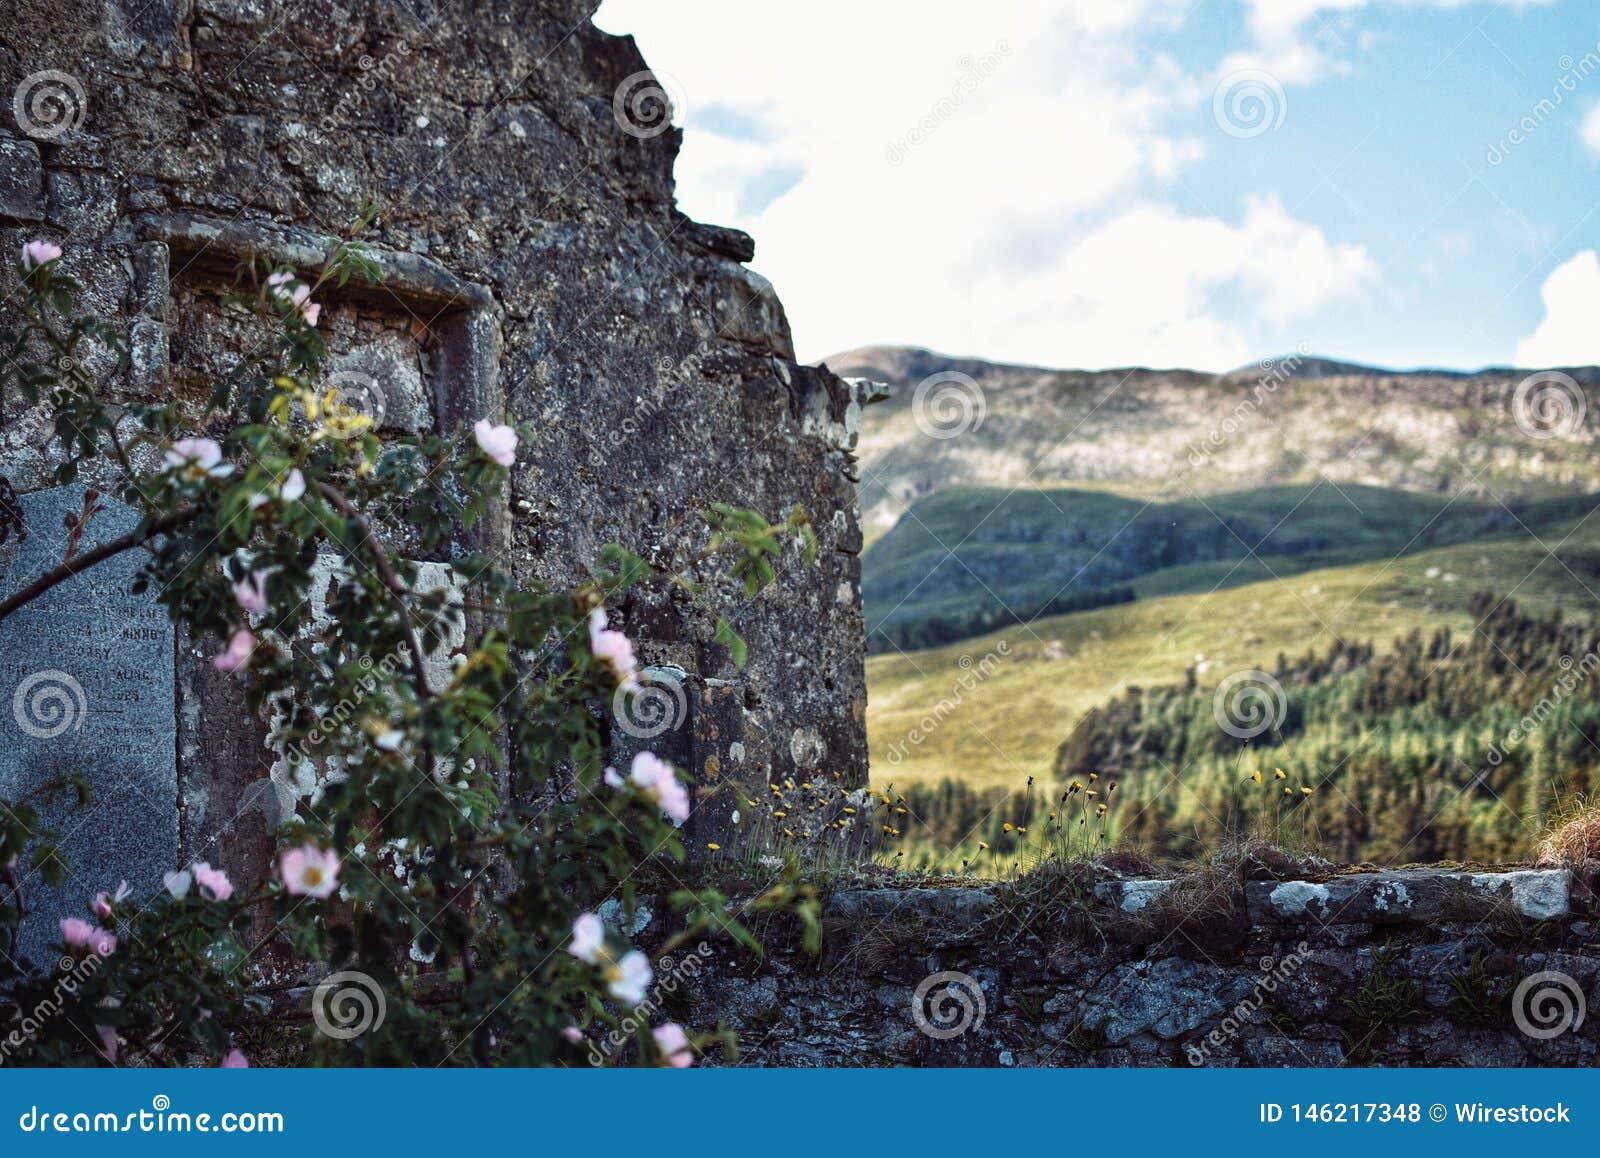 Uma arquitetura abandonada em um campo com hortaliças na parte dianteira